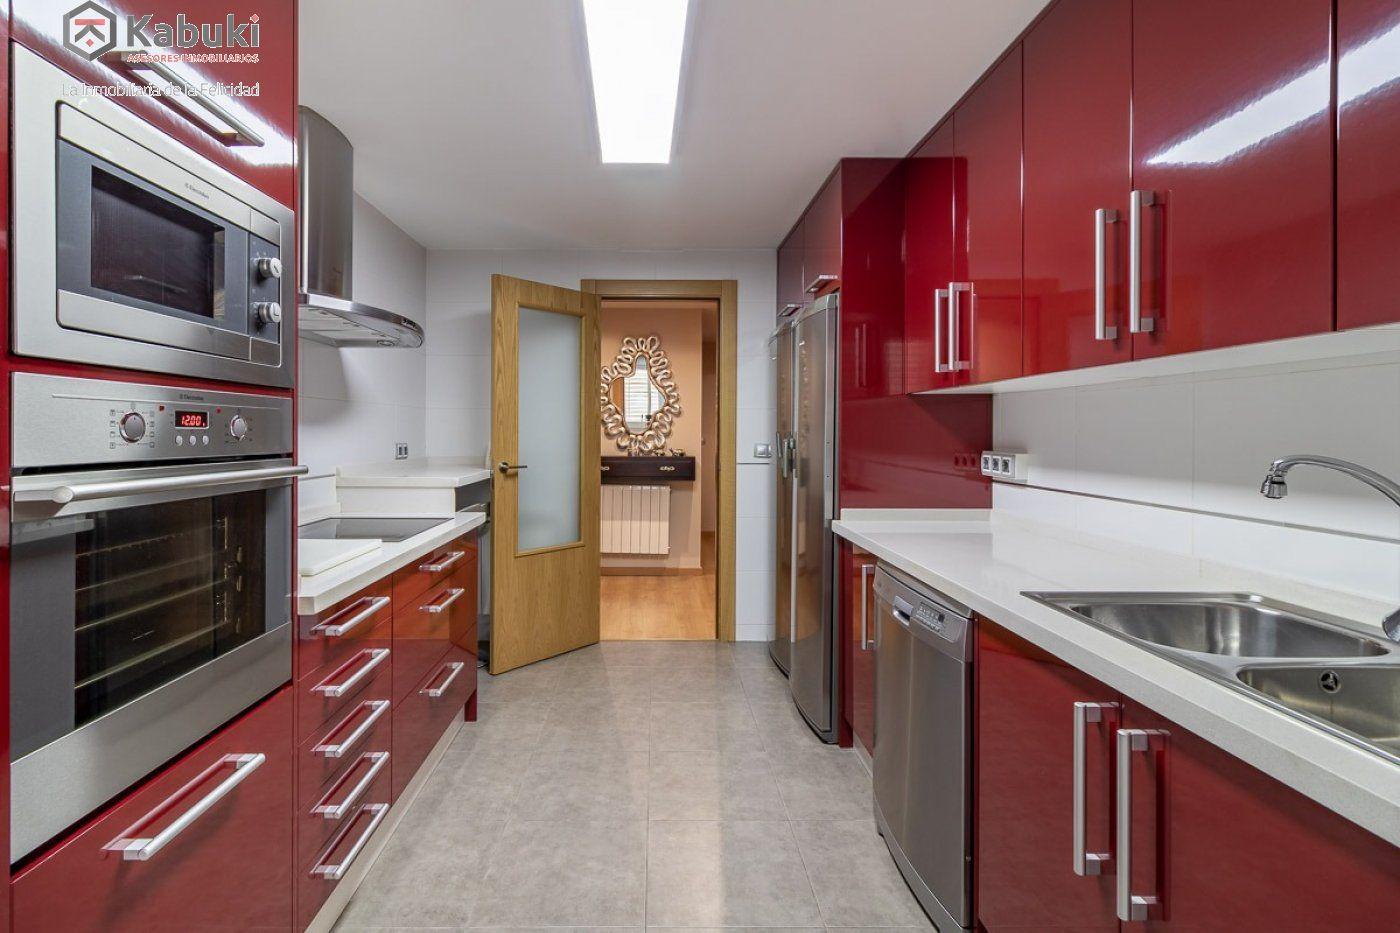 Coqueto piso de 2 dormitorios en un edificio del año 2008, con excelentes calidades y - imagenInmueble2